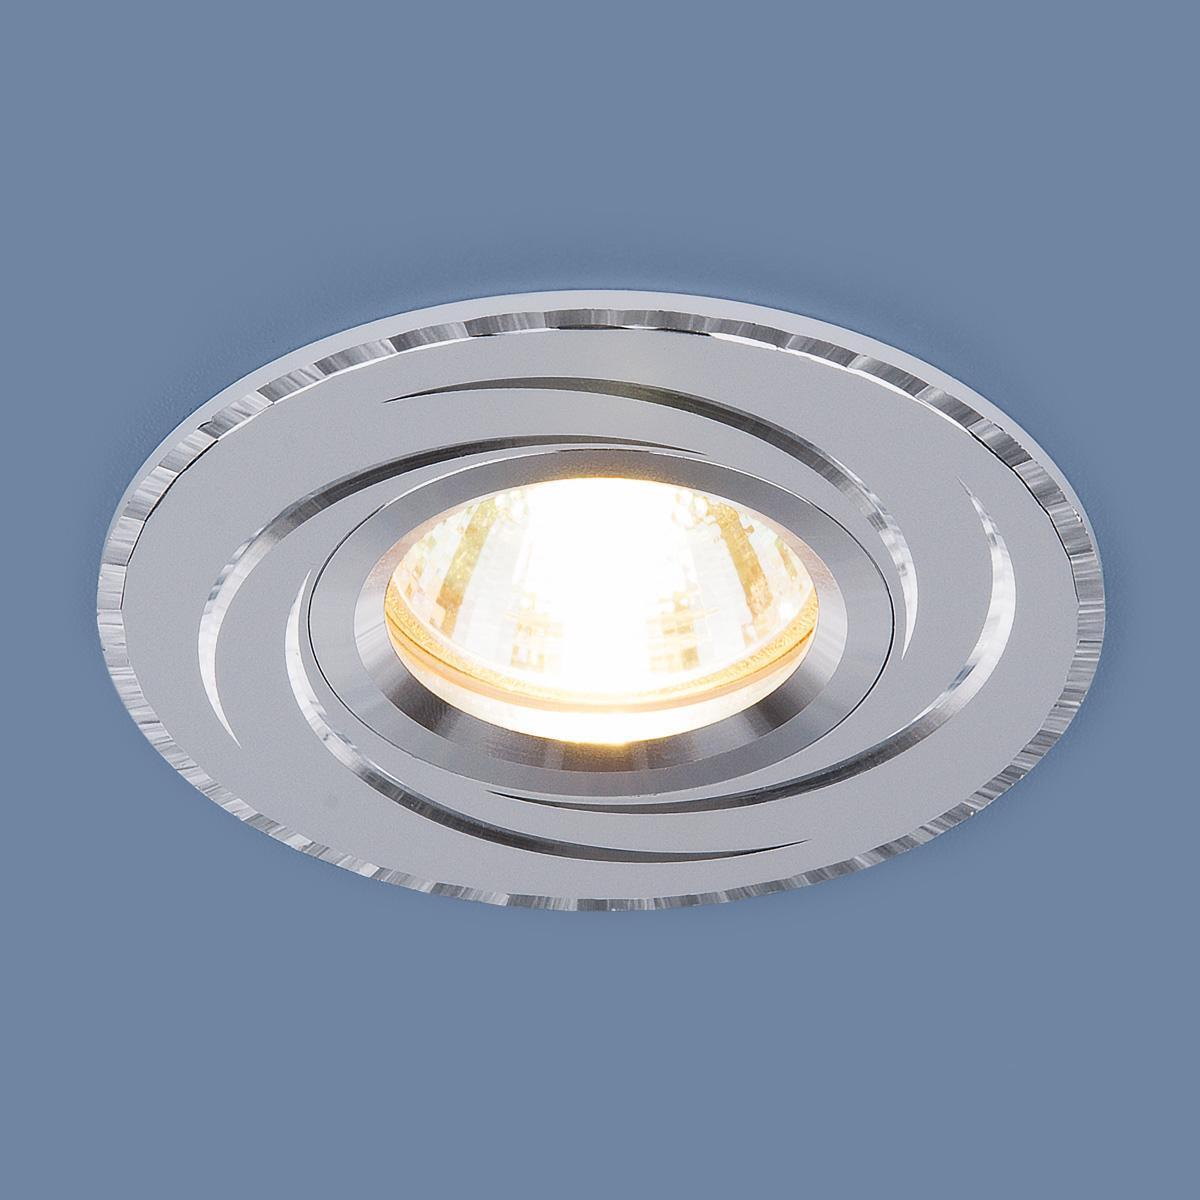 Фото - Встраиваемый светильник Elektrostandard 2002 MR16 WH белый 4690389064111 cветильник галогенный de fran встраиваемый 1х50вт mr16 ip20 зел античное золото